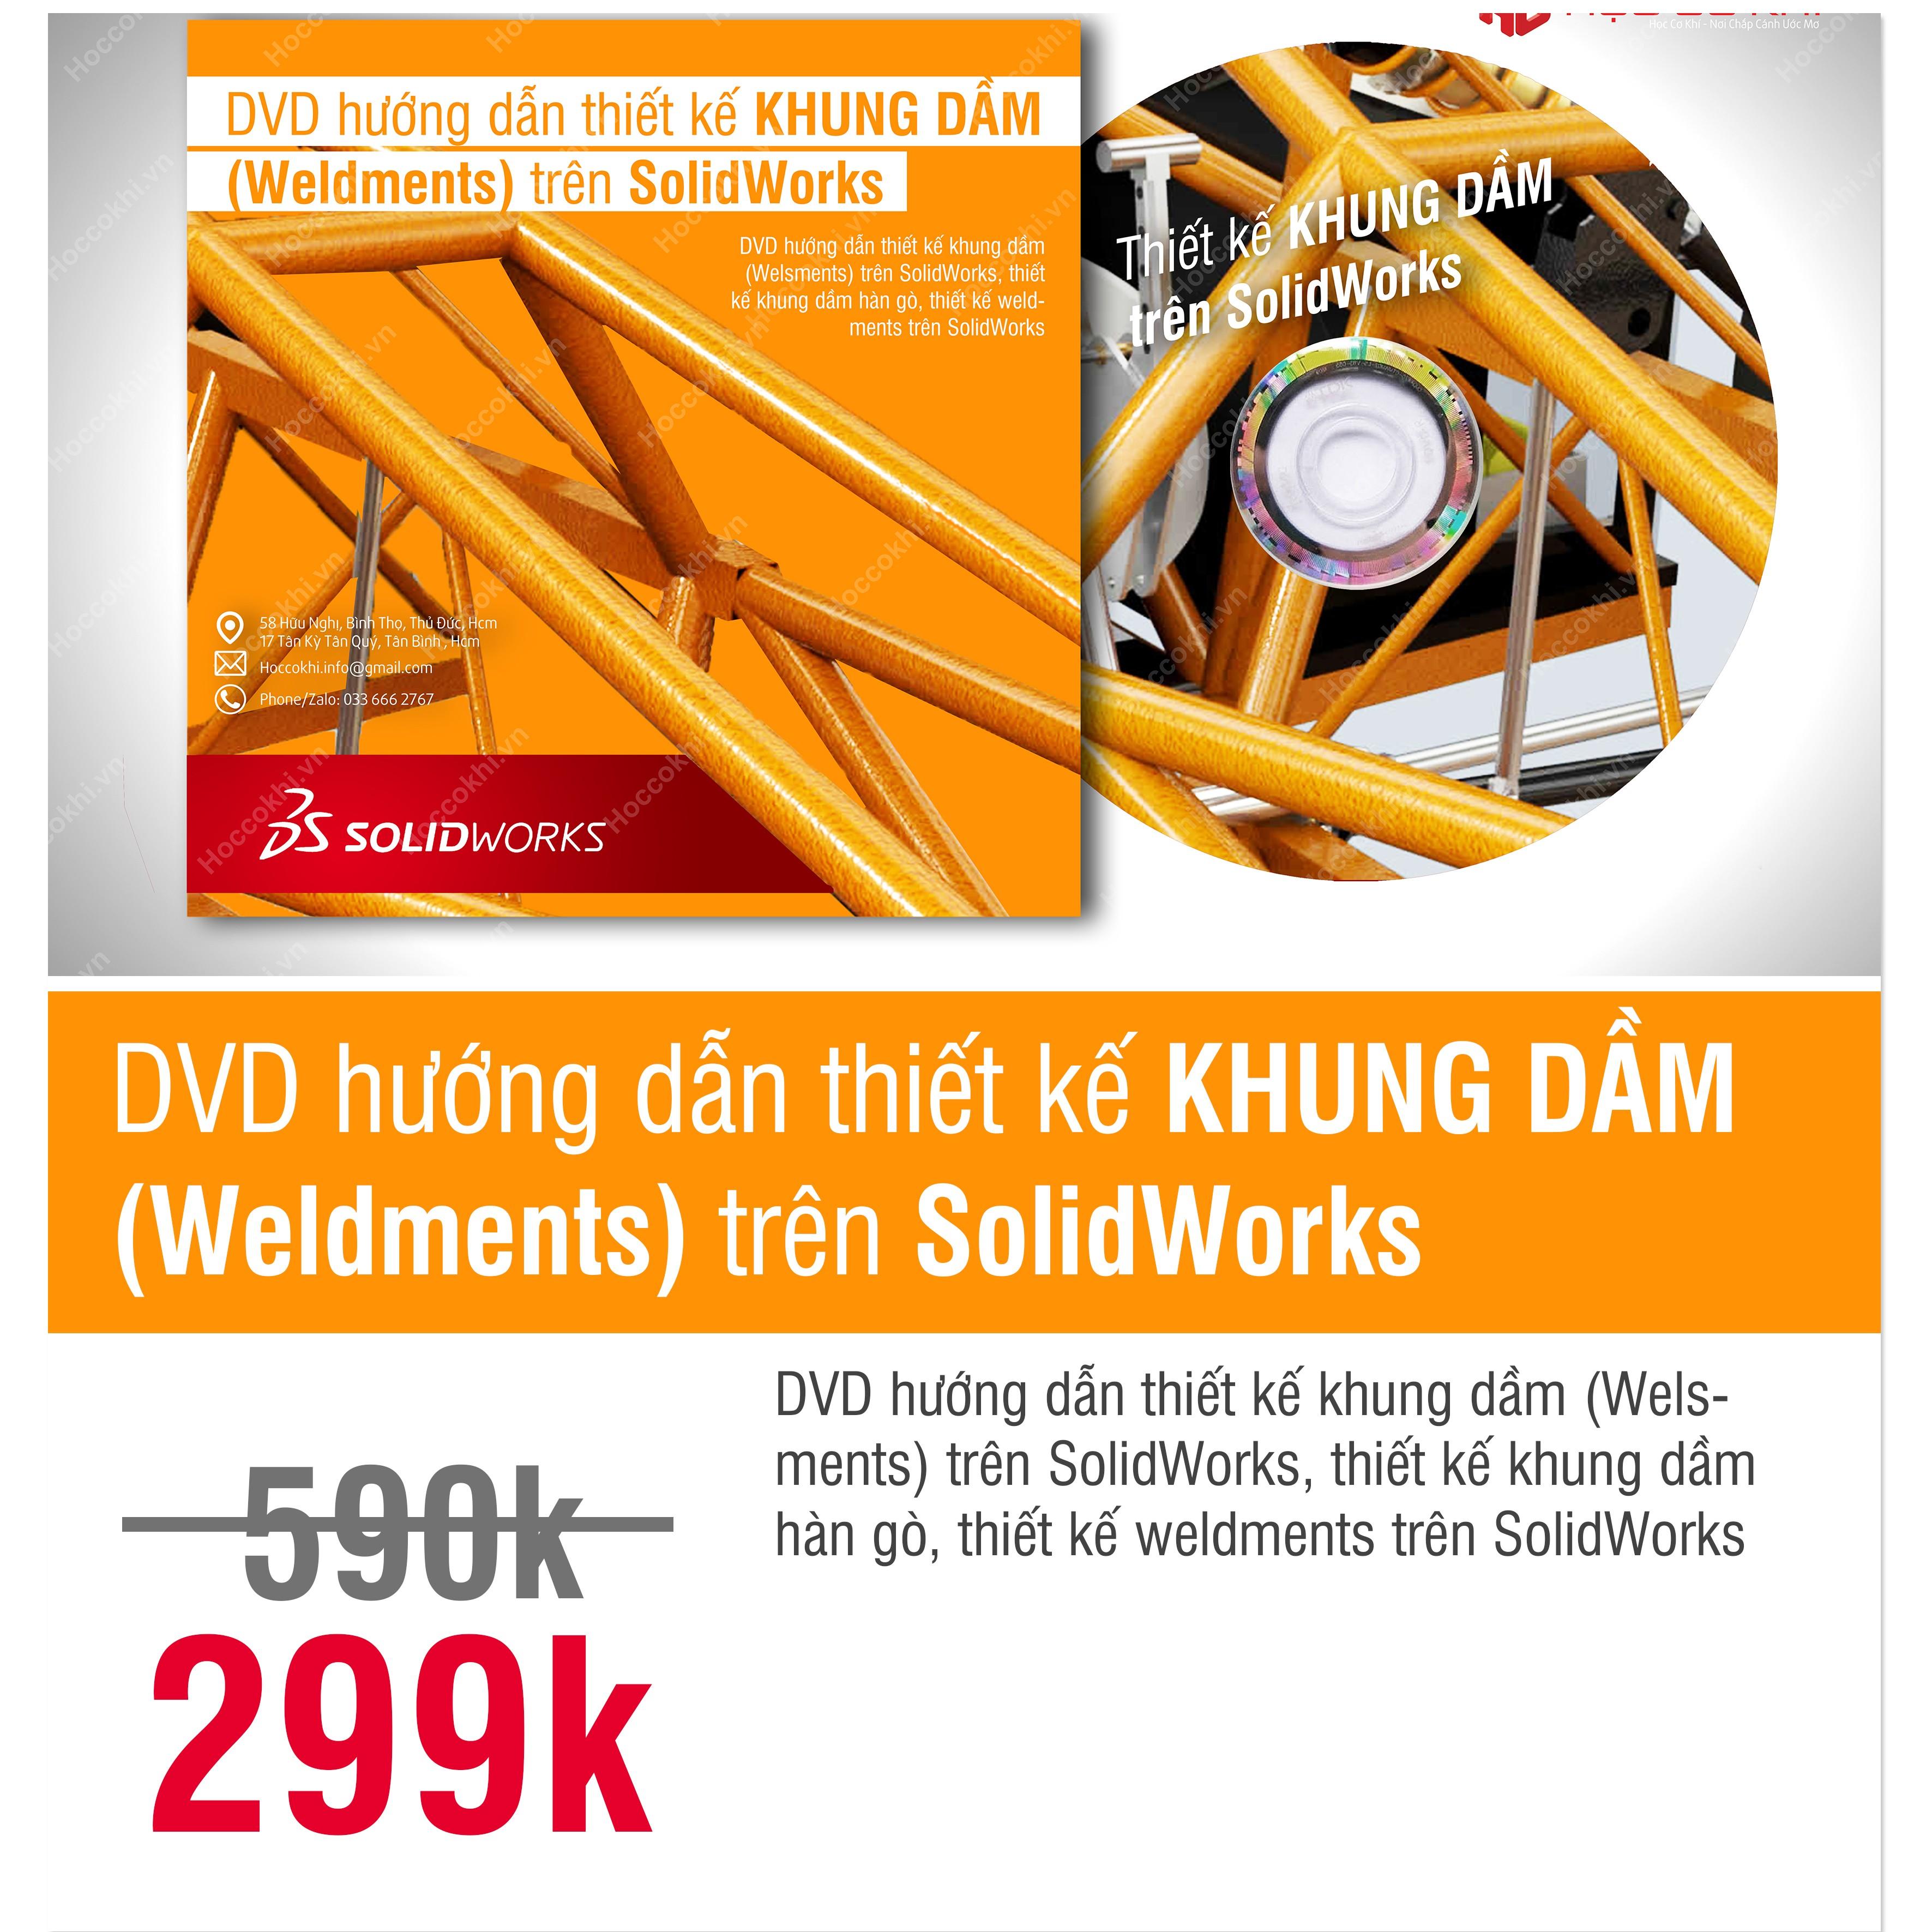 DVD hướng dẫn thiết kế khung dầm (Weldments) trên SolidWorks